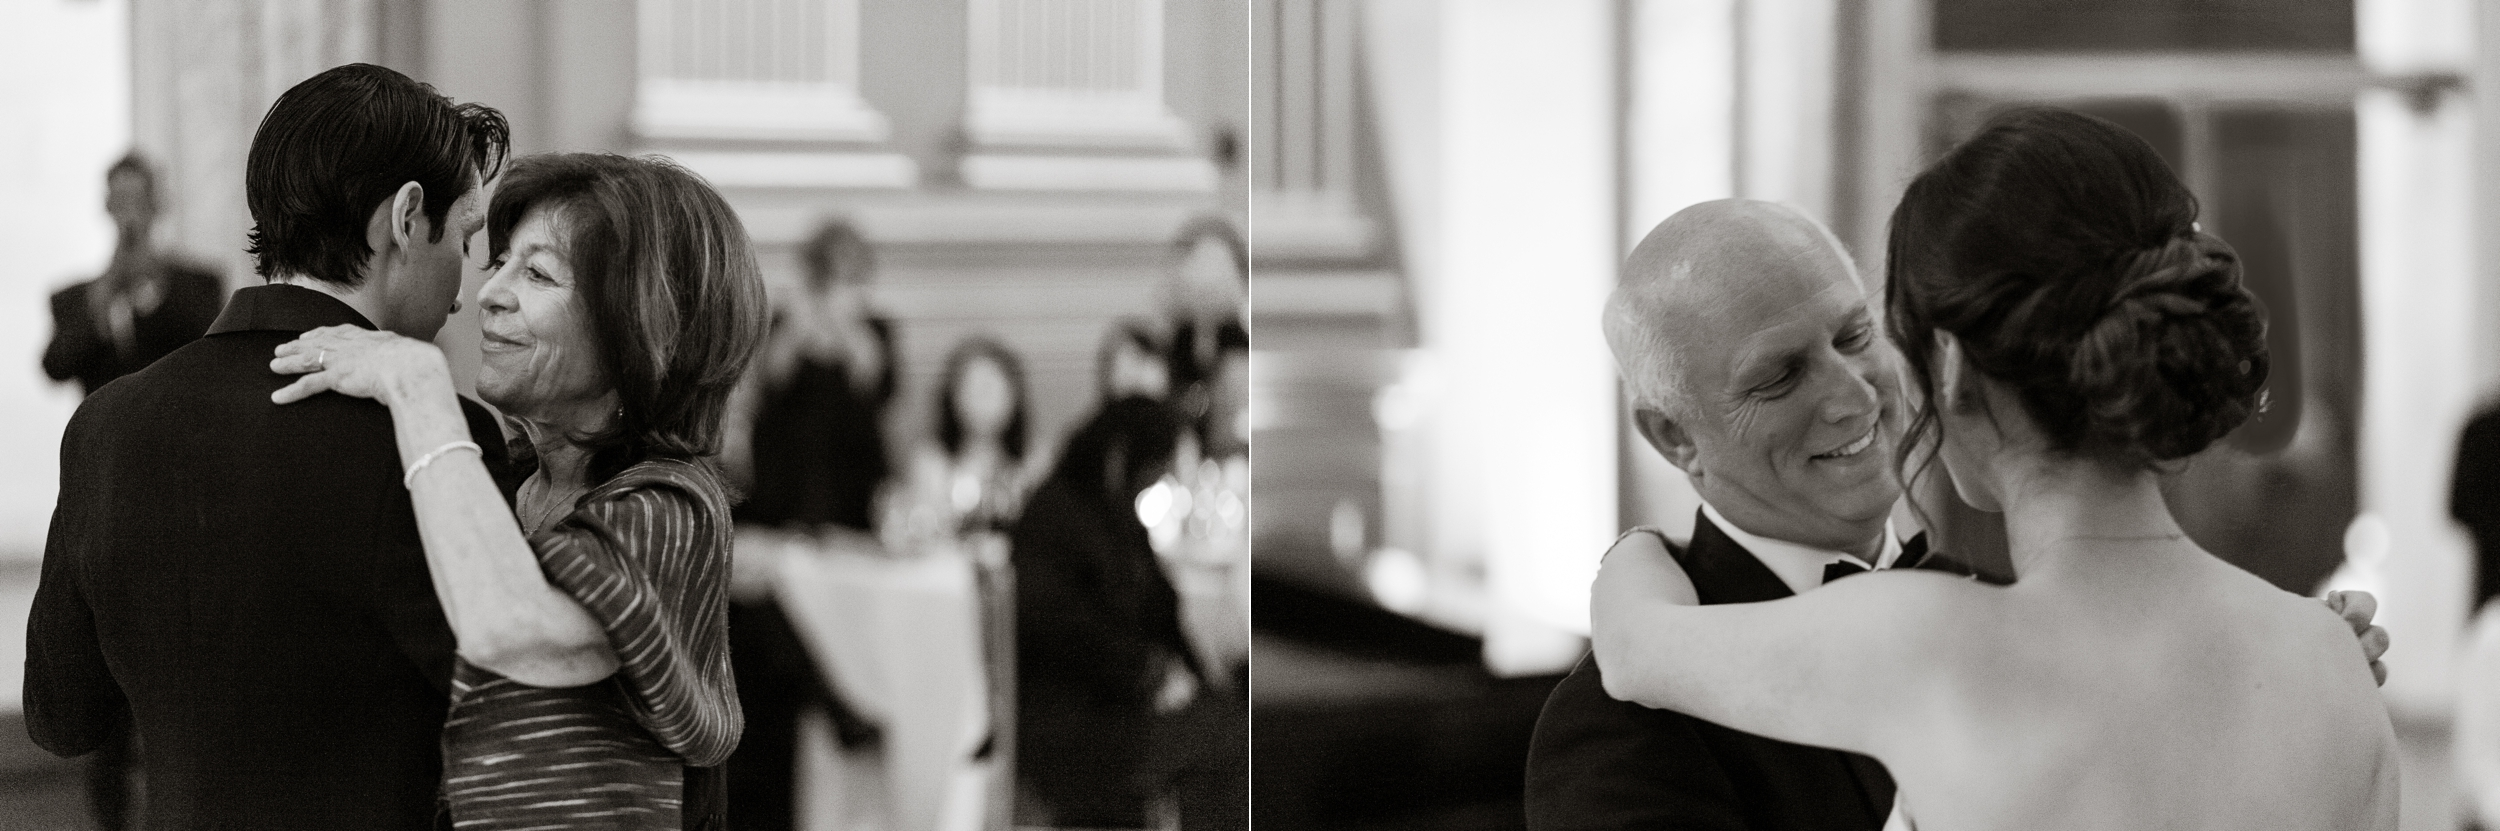 62san-francisco-green-room-wedding-photographer-vivianchen.jpg